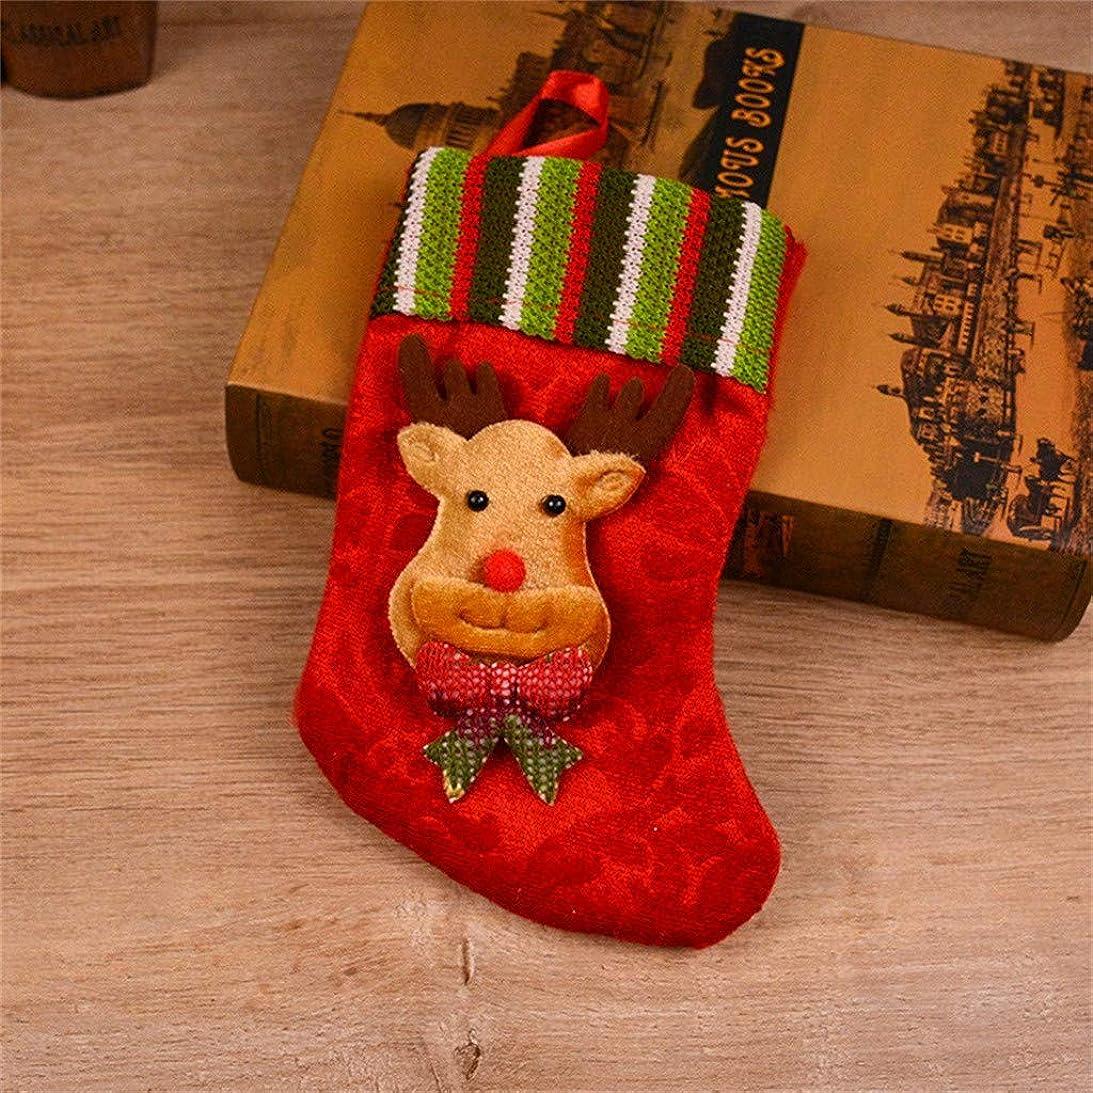 小道の倍増A69Qクリスマスプレゼント クリスマスの靴下 ミニソックス サンタクロースキャンディバッグ ギフトバッグ クリスマス ソックス 可愛い クリスマスツリー飾り プレゼント袋 クリスマス用品 サンタクロースソックス サンタ靴下 壁掛け 装飾 お菓子入り